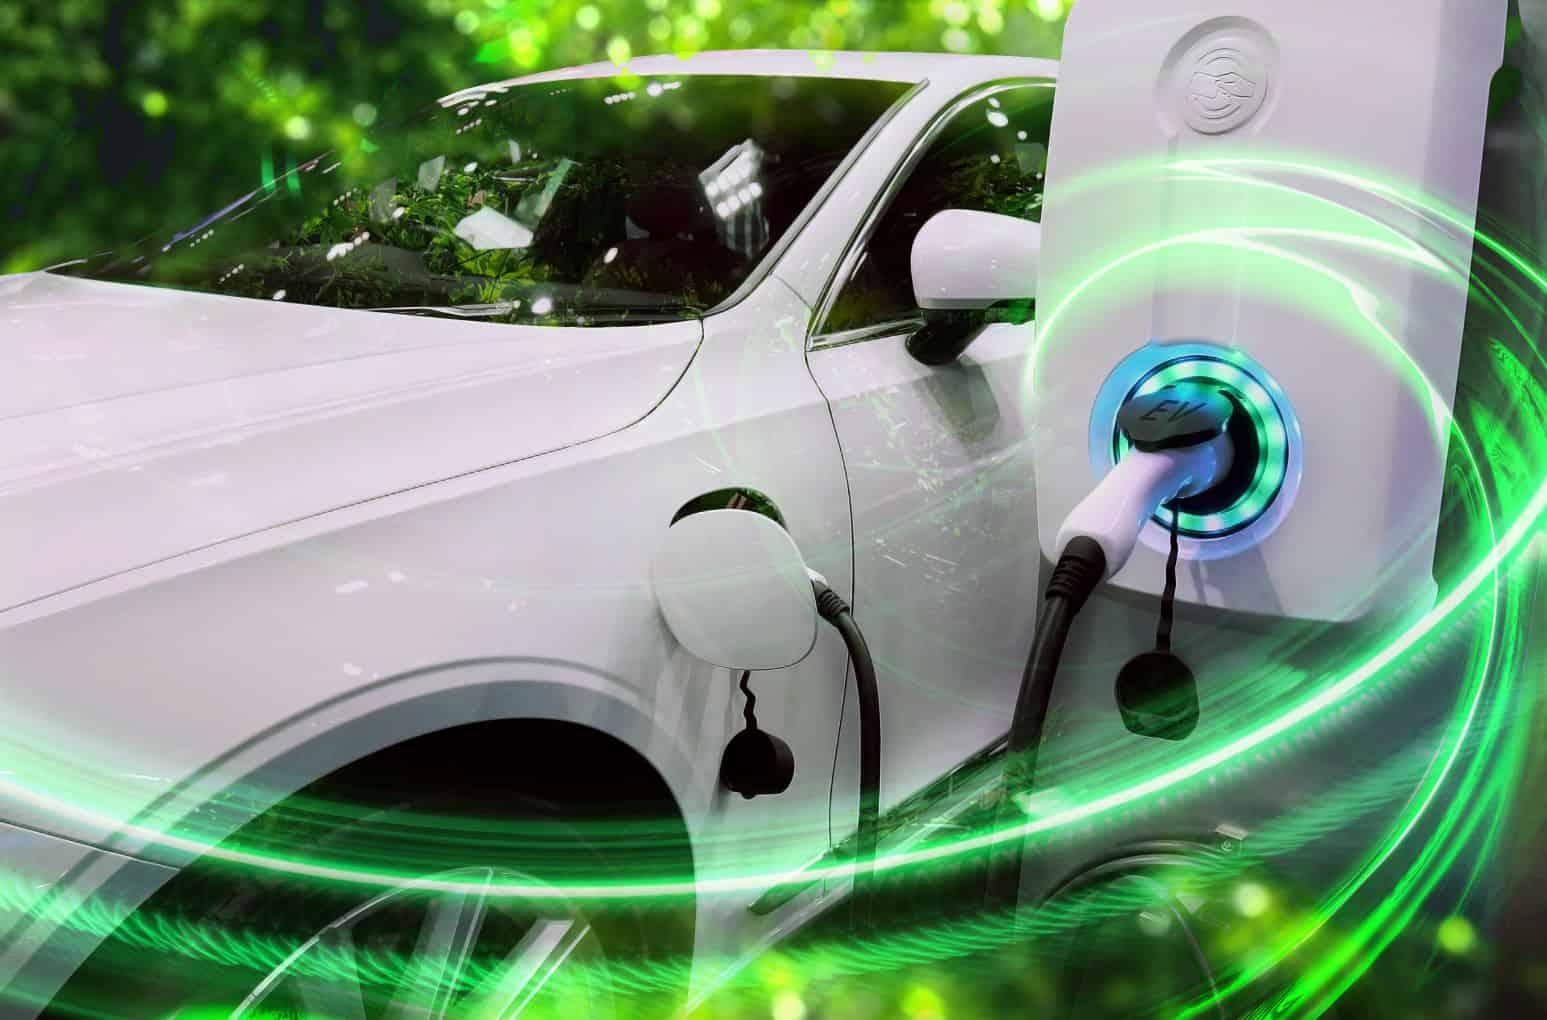 السيارات الكهريائية الخاسر من اتفاق البريكست -بطاريات السيارات الكهربائية